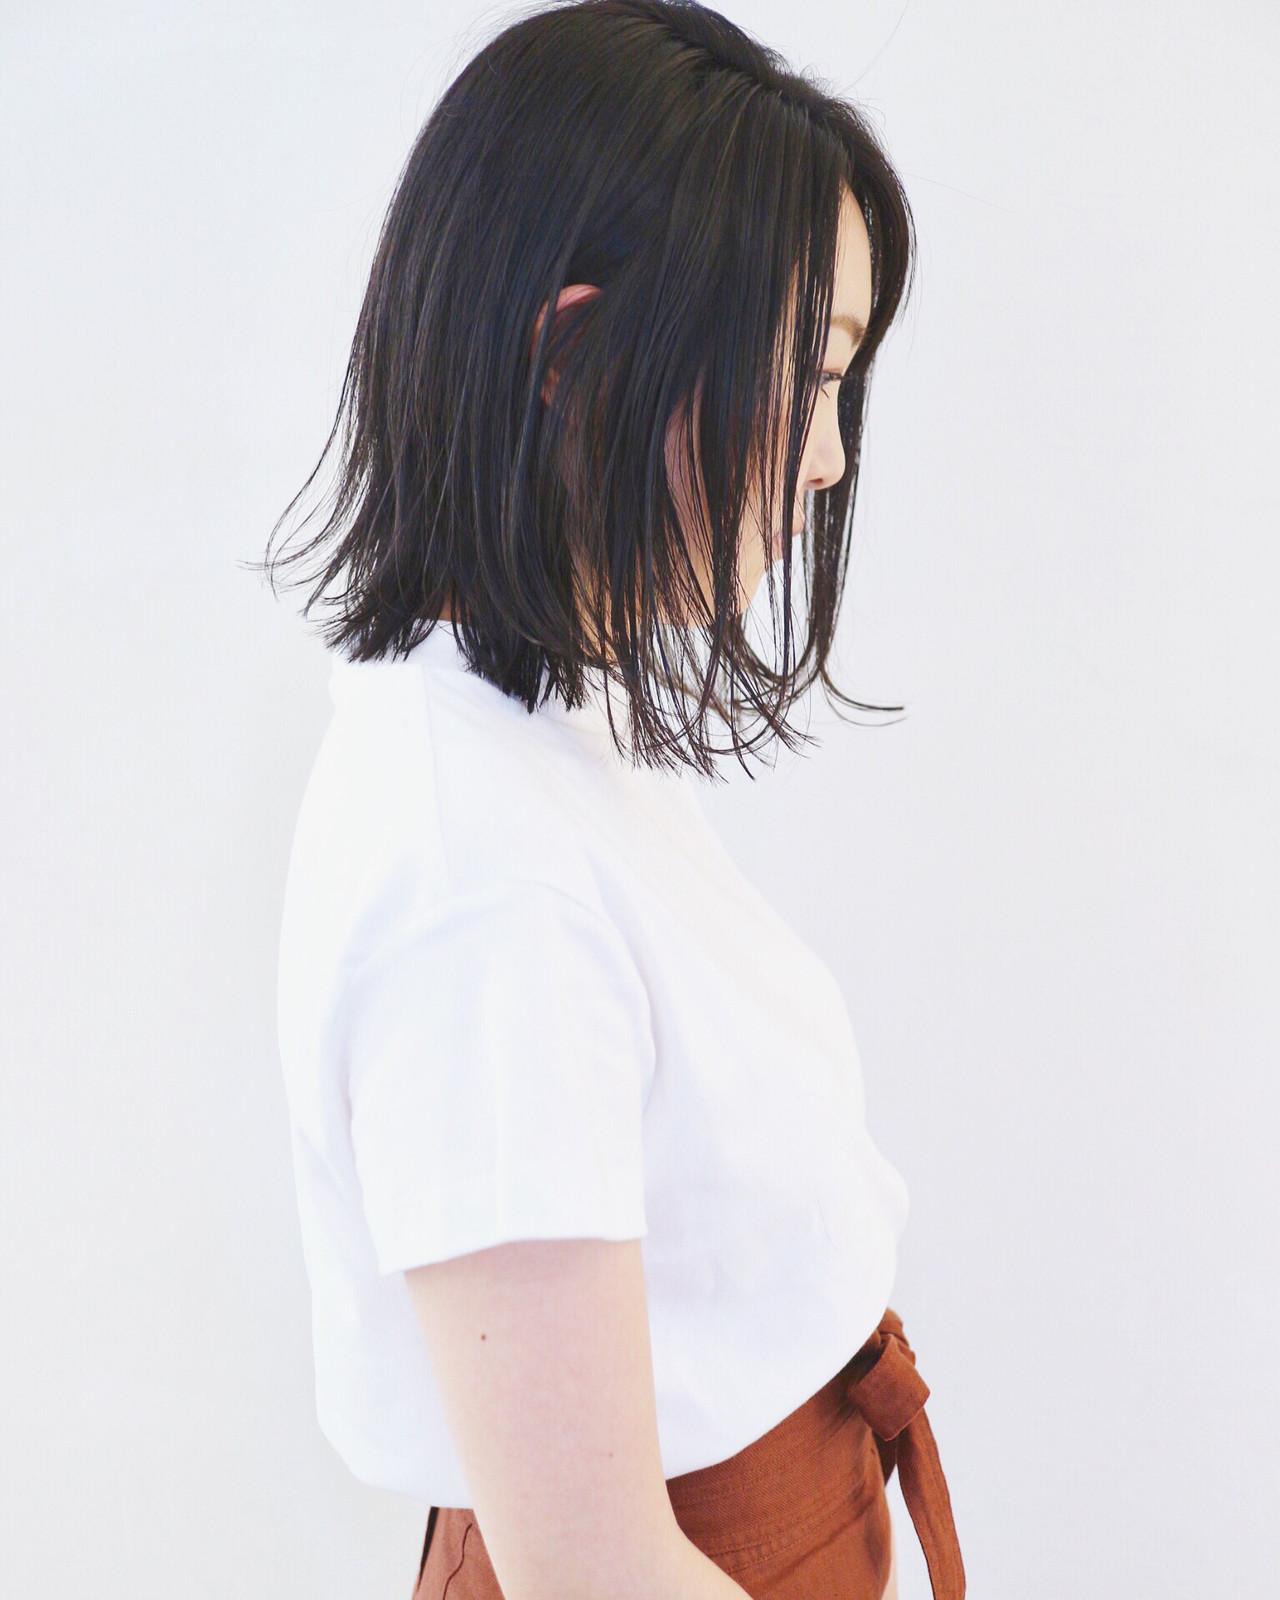 外ハネ 外ハネボブ ウェット感 ボブ ヘアスタイルや髪型の写真・画像